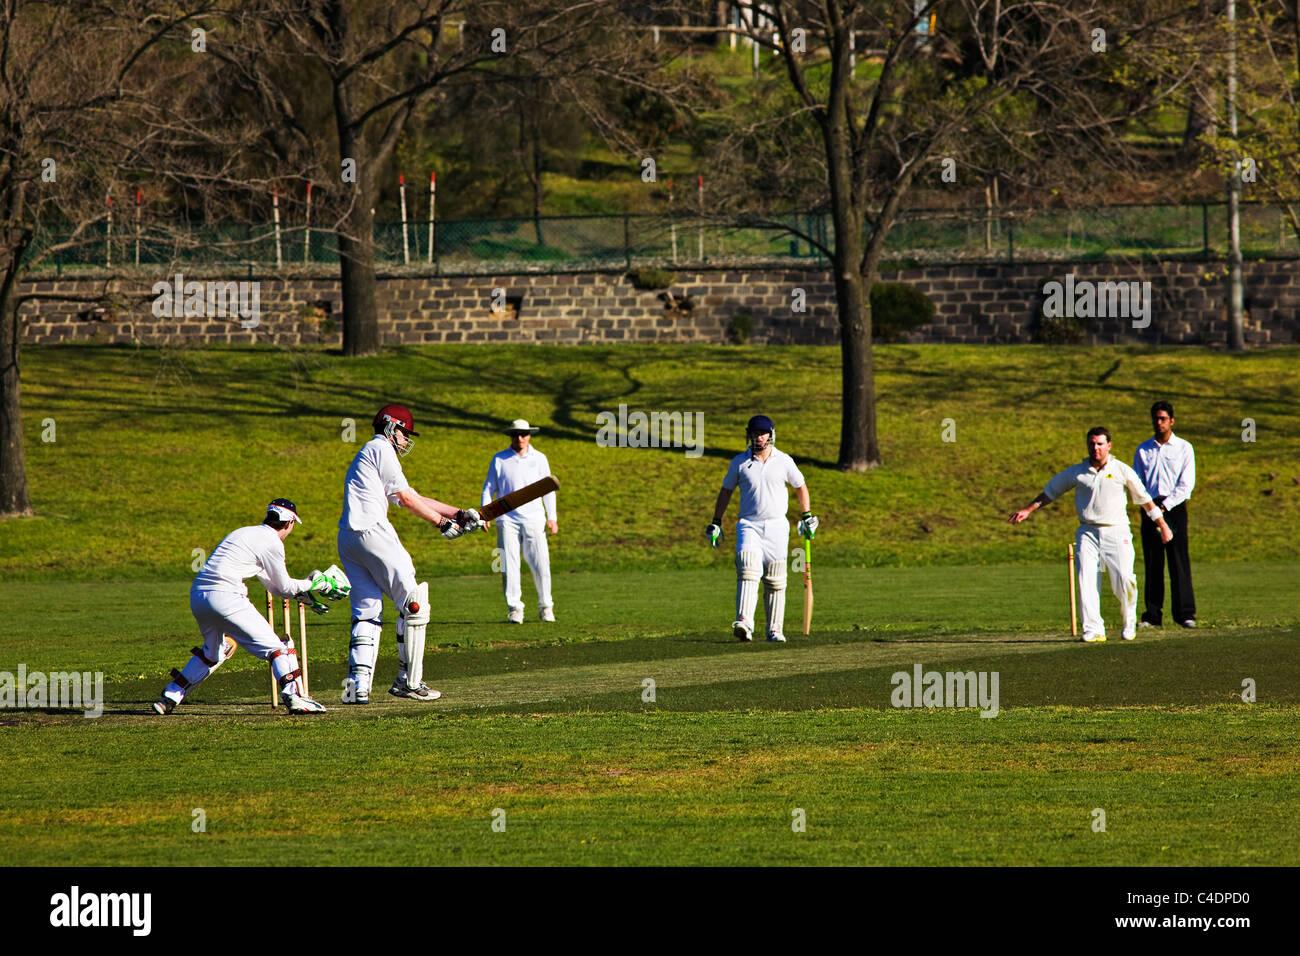 Melbourne Australie / un match de cricket amateur en cours dans le quartier de Royal Park. . Photo Stock